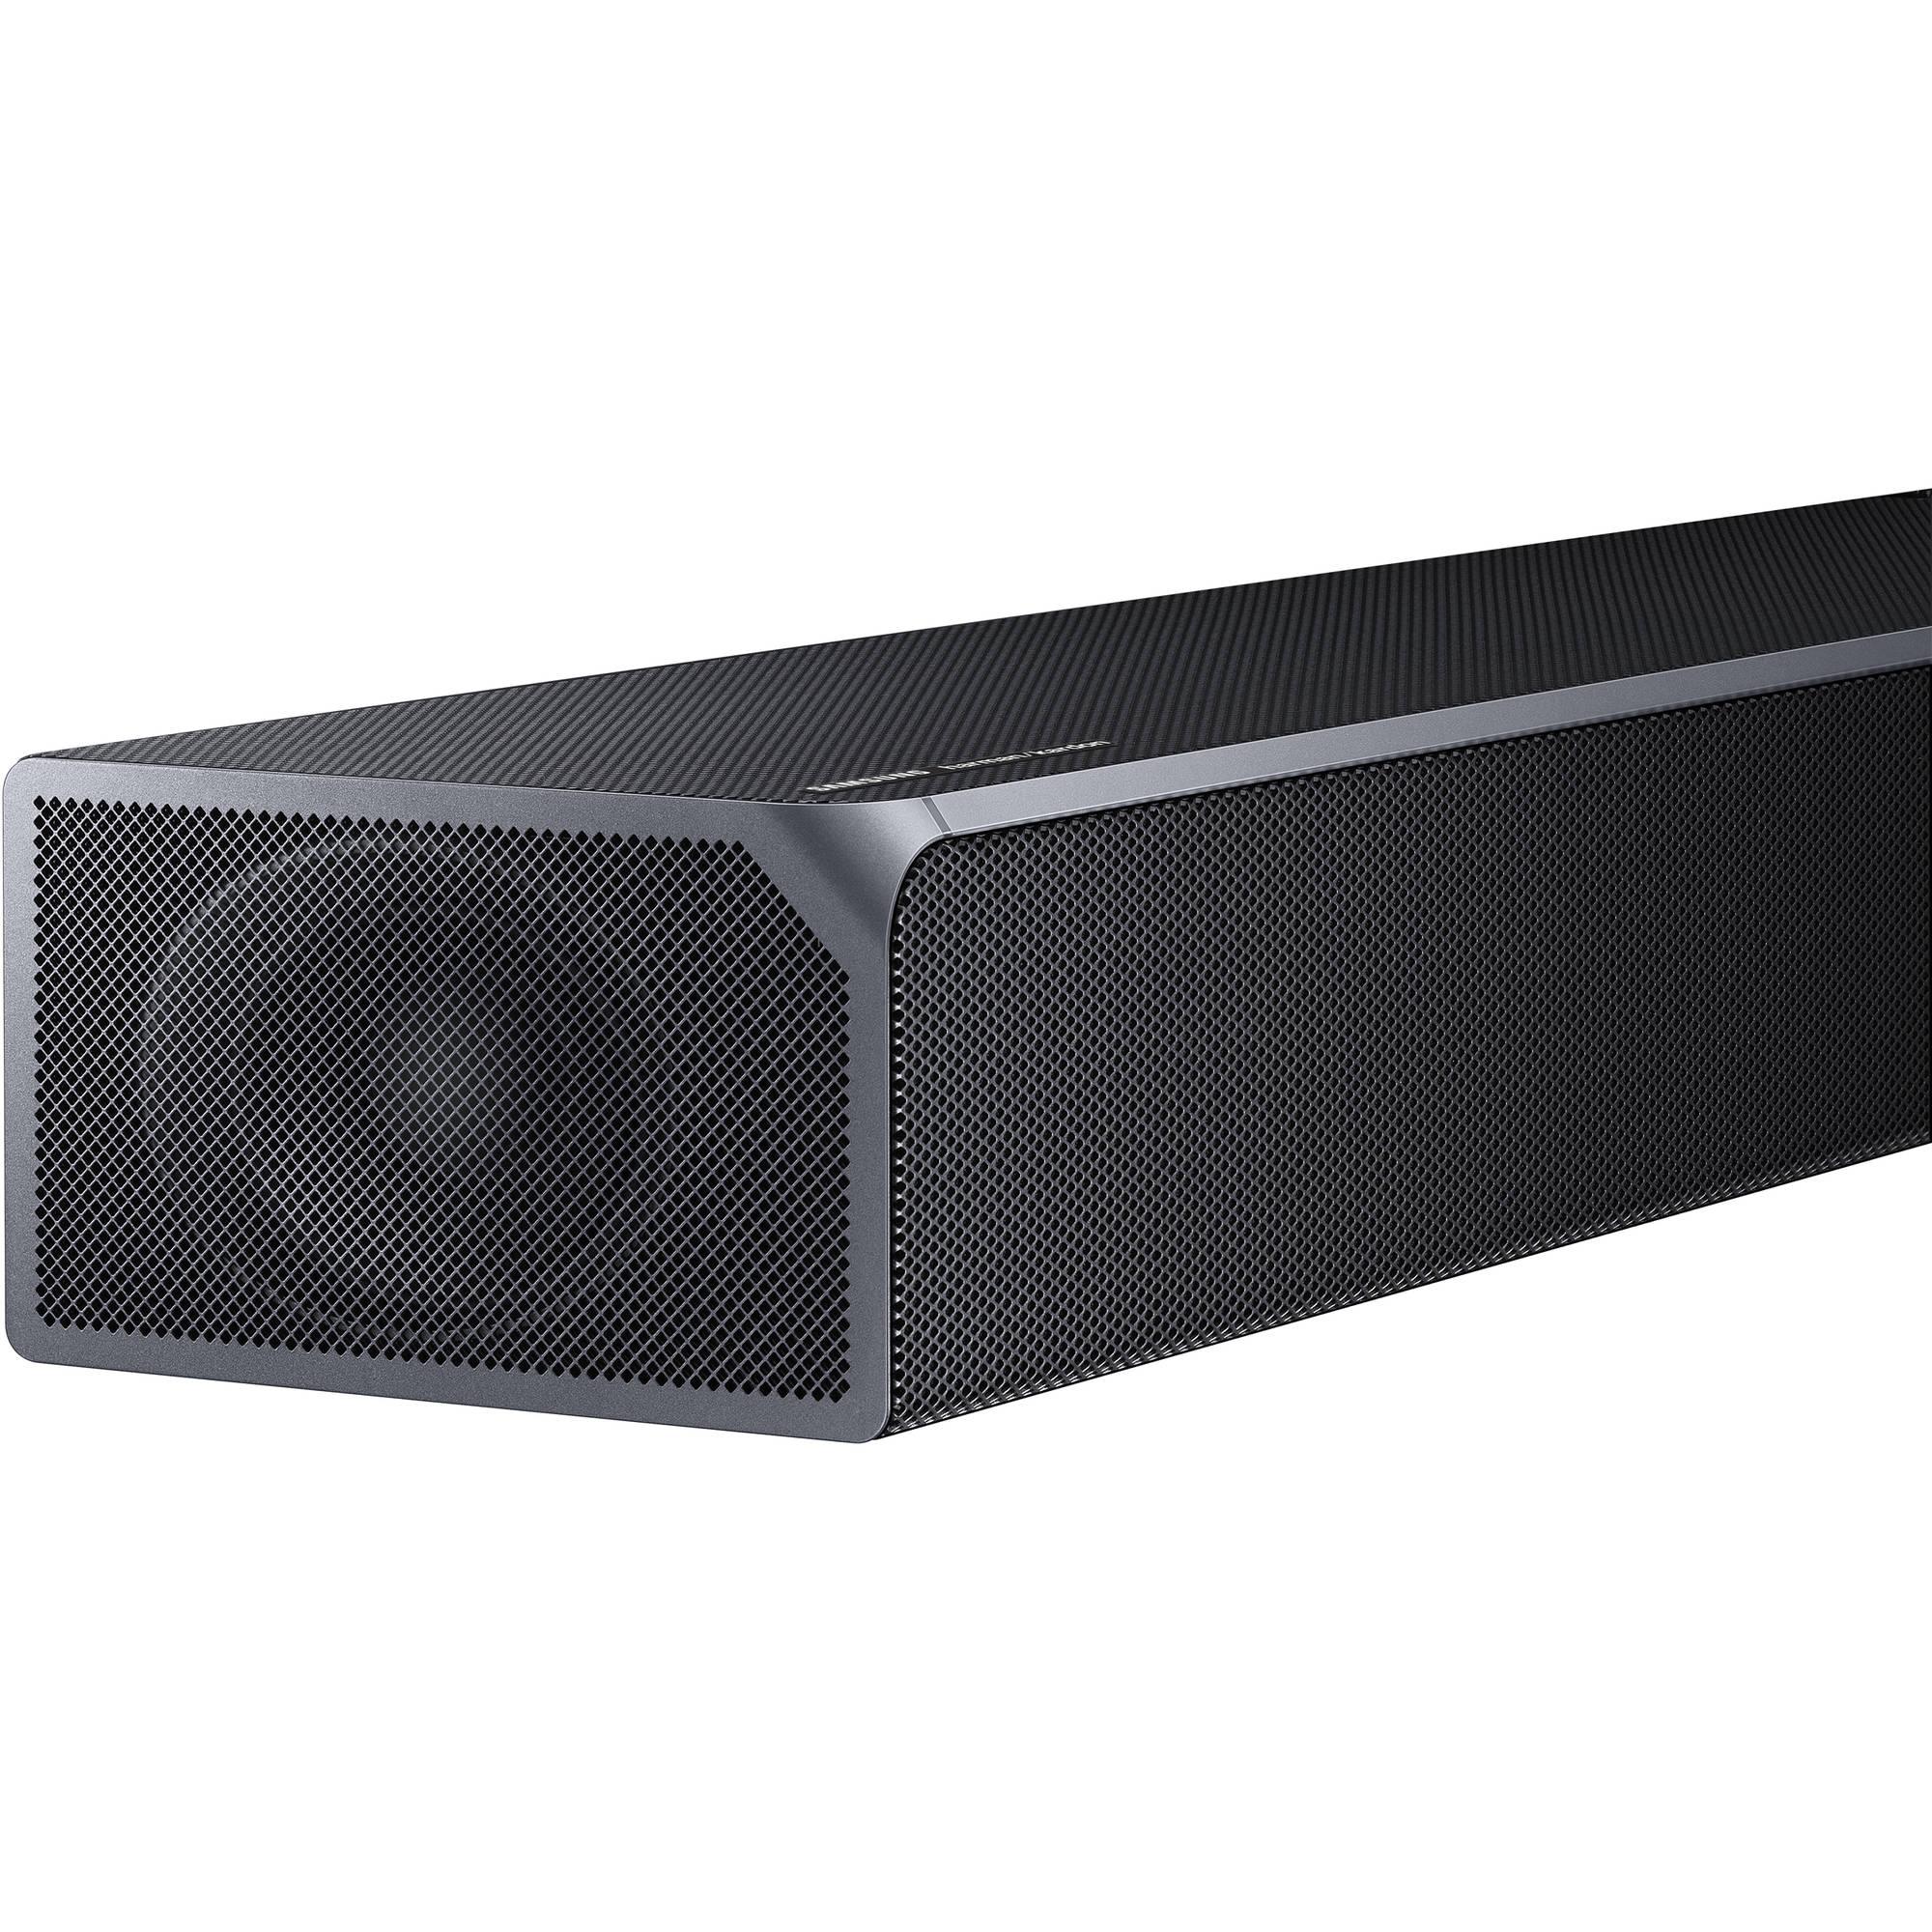 Samsung 5 Hw-q80r Soundbar Virtual 1 370w 2-channel System